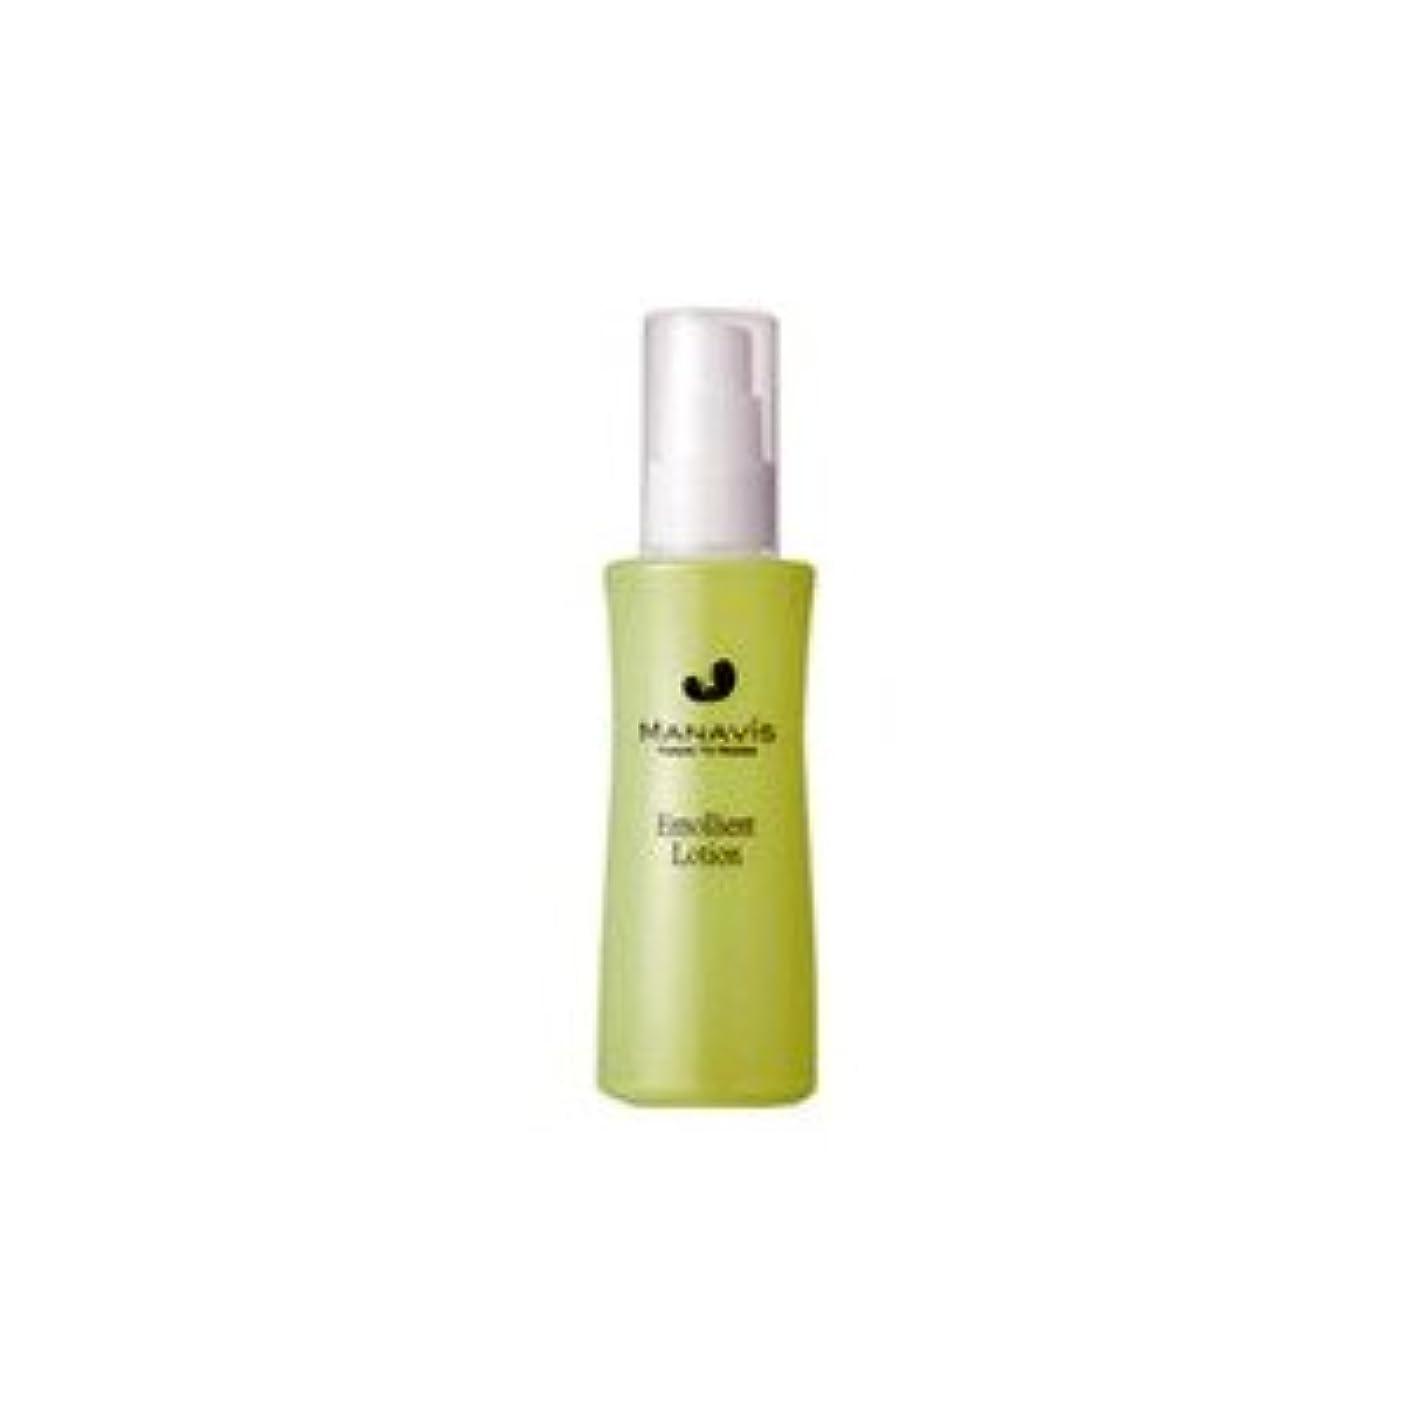 無視収容するシリーズMANAVIS マナビス化粧品 薬用 エモリエントローション EX  化粧水